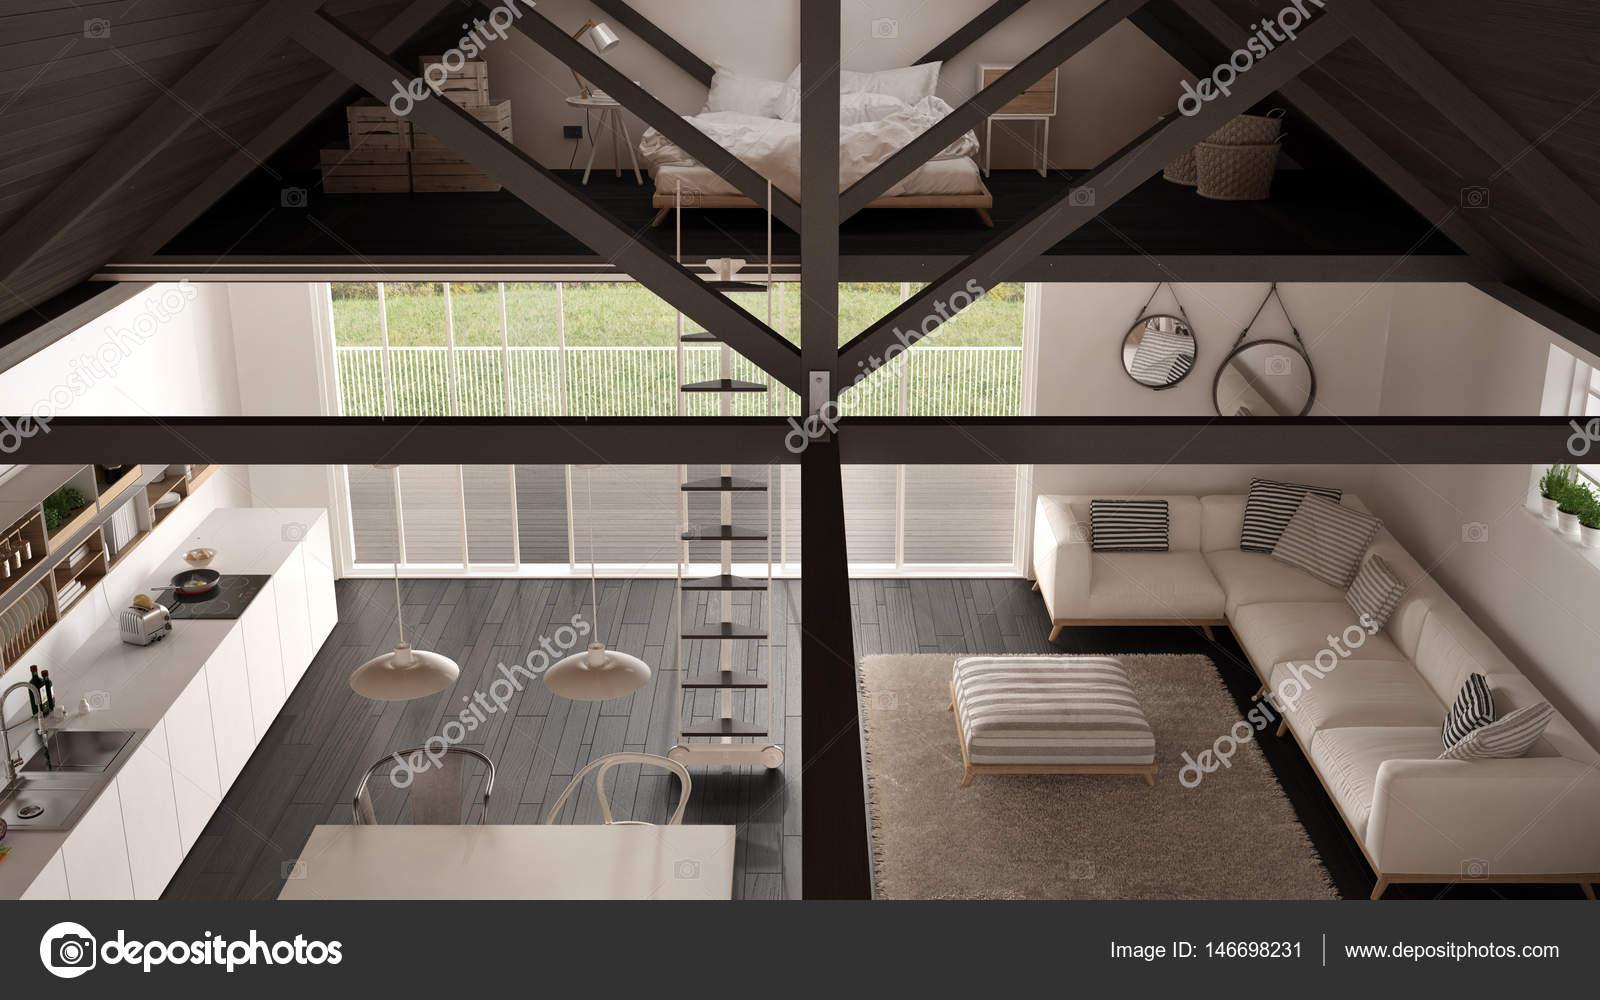 Minimalistische Mezzanine Dachboden, Küche, Wohn- und Schlafzimmer ...